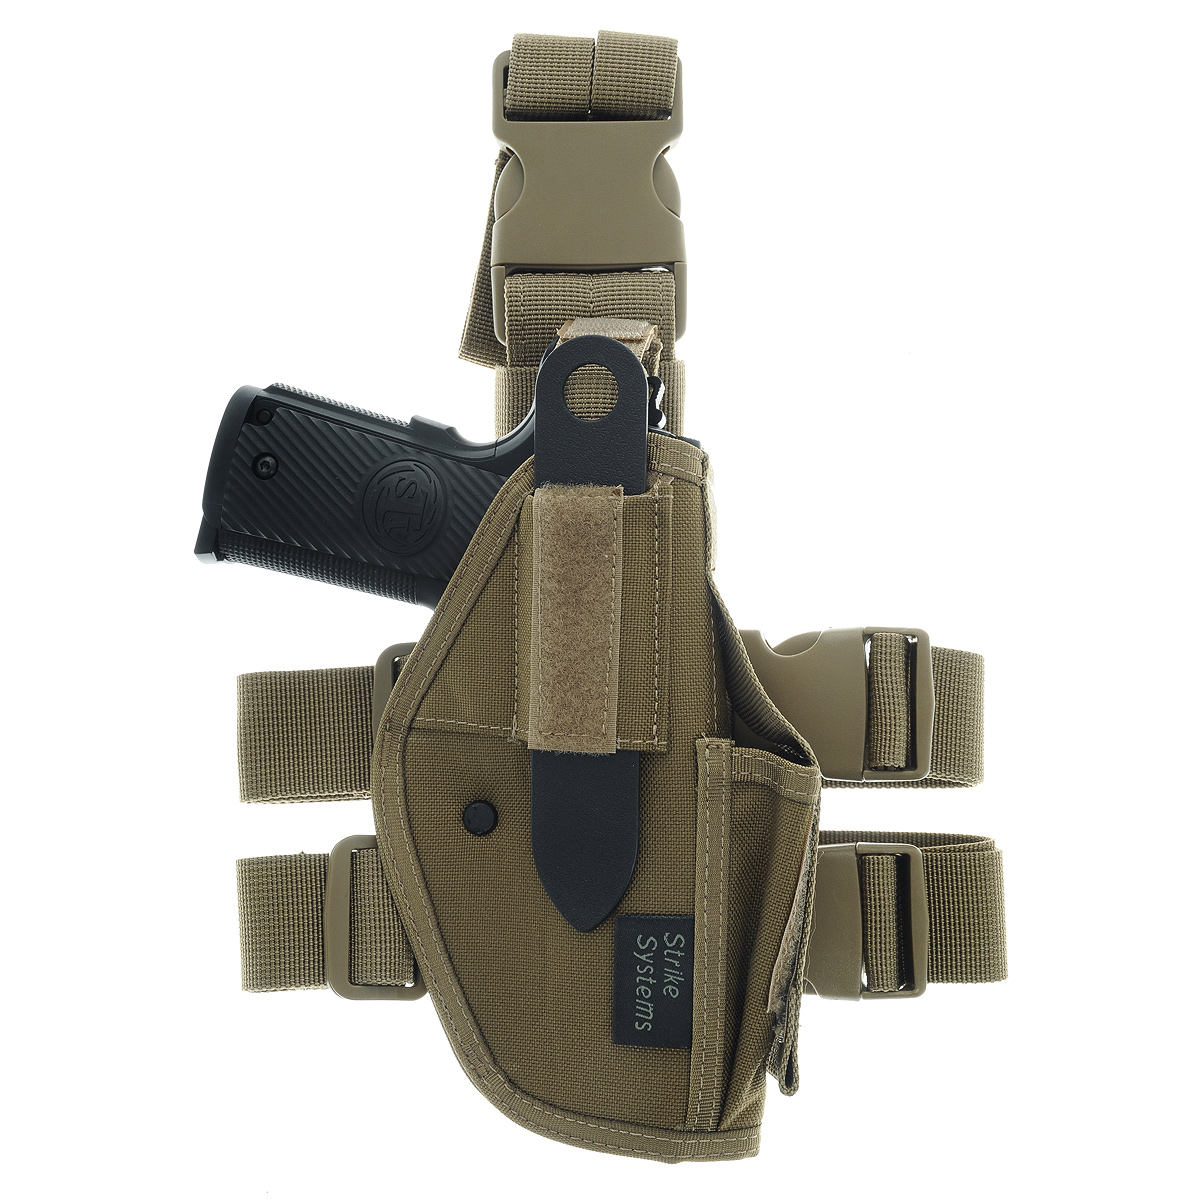 Кобура ASG набедренная для M92, G17/18, STI, CZ, Steyr, Bersa, цвет: Tan (17023)527Кобура набедренная для пневматических и страйкбольных пистолетов серий M92, G17/18, STI, CZ, Steyr, Bersa (полноразмерные и среднеразмерные - Full Frame и Mid Frame) с подсумком для запасного магазина.Предназначена для ношения в тире и на полигоне. Показанные на фото оружие и аксессуары в комплект не входят. Не рассчитана на использование с боевым оружием.Регулируется по высоте.Застежка-фастекс для быстрого снятия.Два эластичных ремня с застежками для бедра.В комплекте приспособление для удобной регулировки.Двойные швы.Из износостойкого и влагостойкого нейлона.Возвраттоваравозможен только при наличии заключения сервисного центра.Время работы сервисного центра: Пн-чт: 10.00-18.00 Пт: 10.00- 17.00Сб, Вс: выходные дниАдрес: ООО ГАТО, 121471, г.Москва,ул.ПетраАлексеева,д12., тел. (495)232-4670, gato@gato.ruХарактеристики: Материал: нейлон, пластик. Размер кобуры: 31 см х 12 см х 7 см. Размер упаковки: 36 см х 26 см х 7 см. Артикул: 11968. Уважаемые покупатели, обращаем Ваше внимание что авиадоставка в нижеперечисленные города этого товара временно недоступна! 1. Ангарск 2. Благовещенск 3. Бодайбо 4. Братск 5. Владивосток 6. Воркута 7. Иркутск 8. Калининград 9. Надым 10. Нарьян-Мар 11. Находка 12. Норильск 13. Петропавловск-Камчатский 14. Салехард 15. Улан-Удэ 16. Уссурийск 17. Ухта 18. Хабаровск 19. Чита 20. Энергетик 21. Южно-Сахалинск 22. Якутск